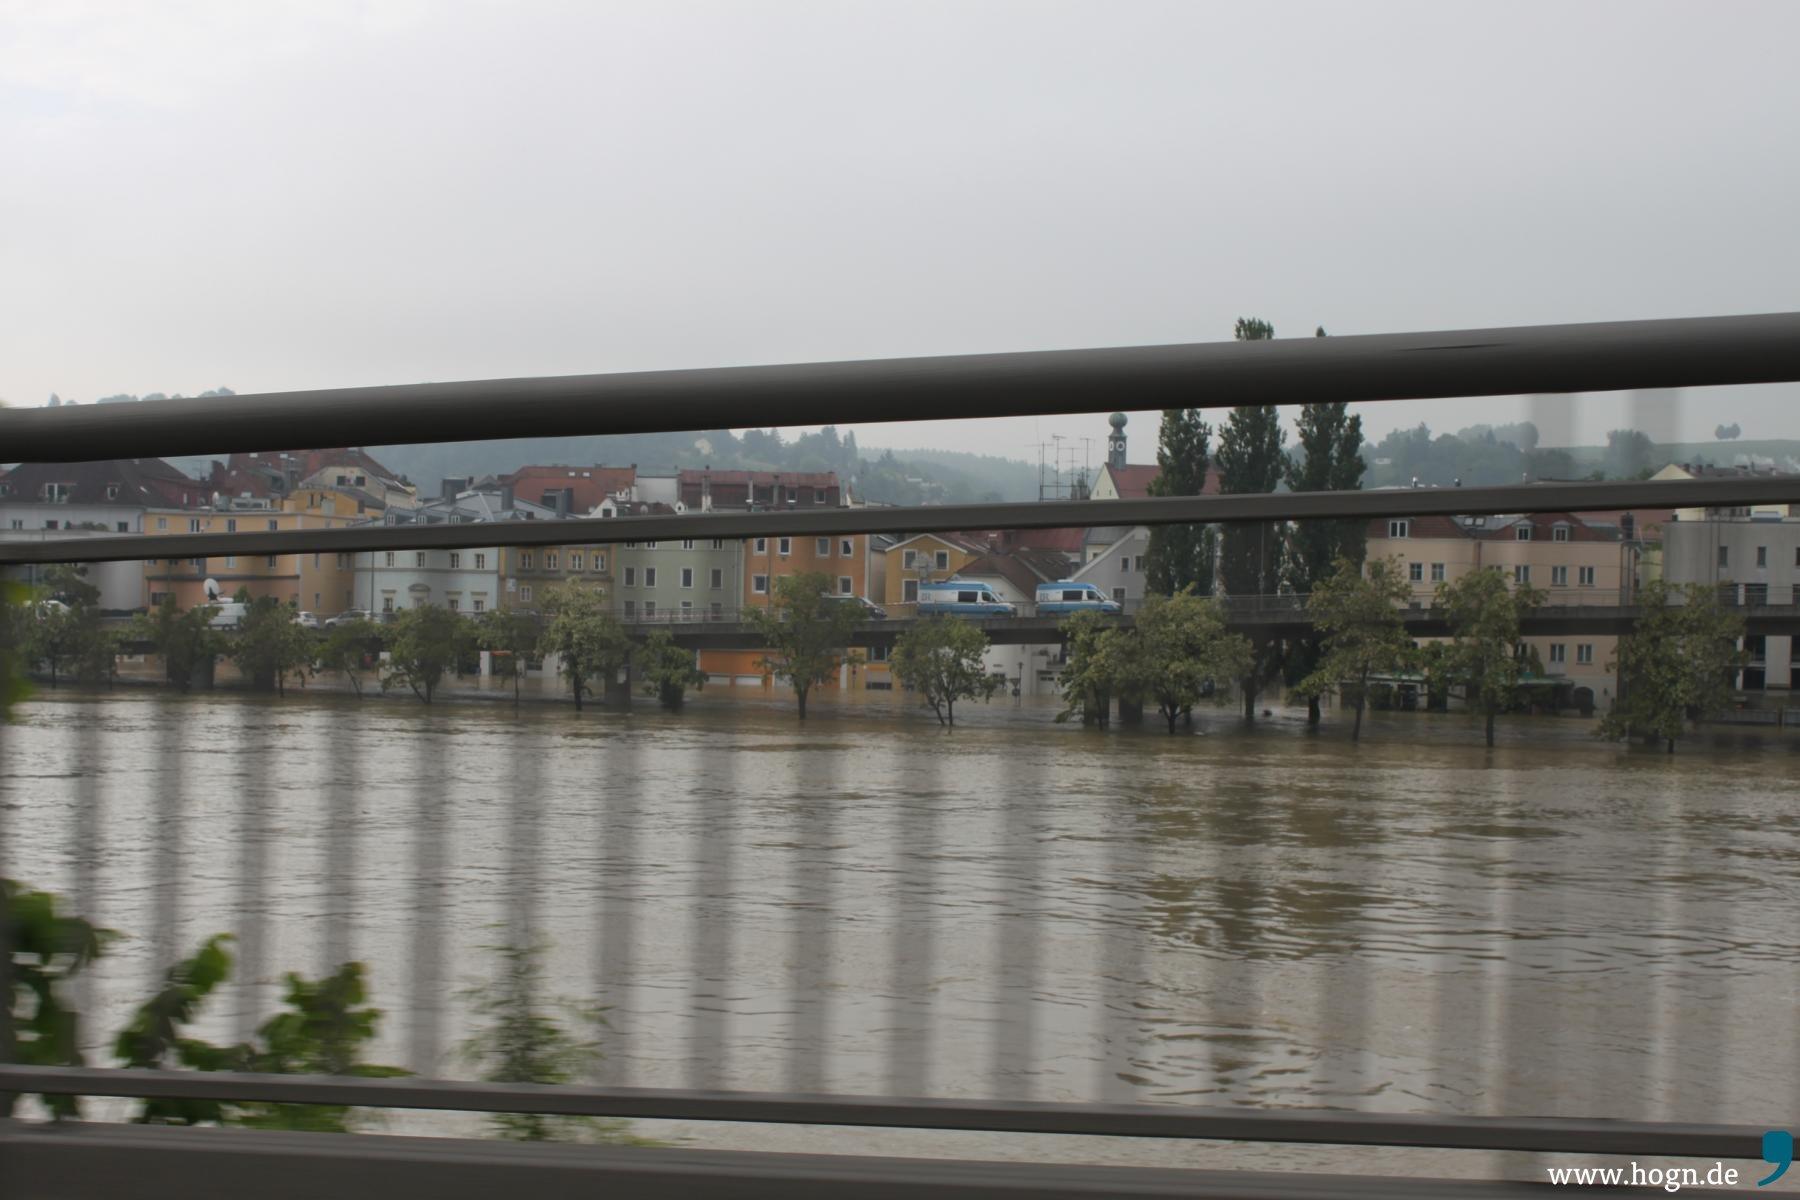 hochwasser_foto_weigerstorfer_hogn-5